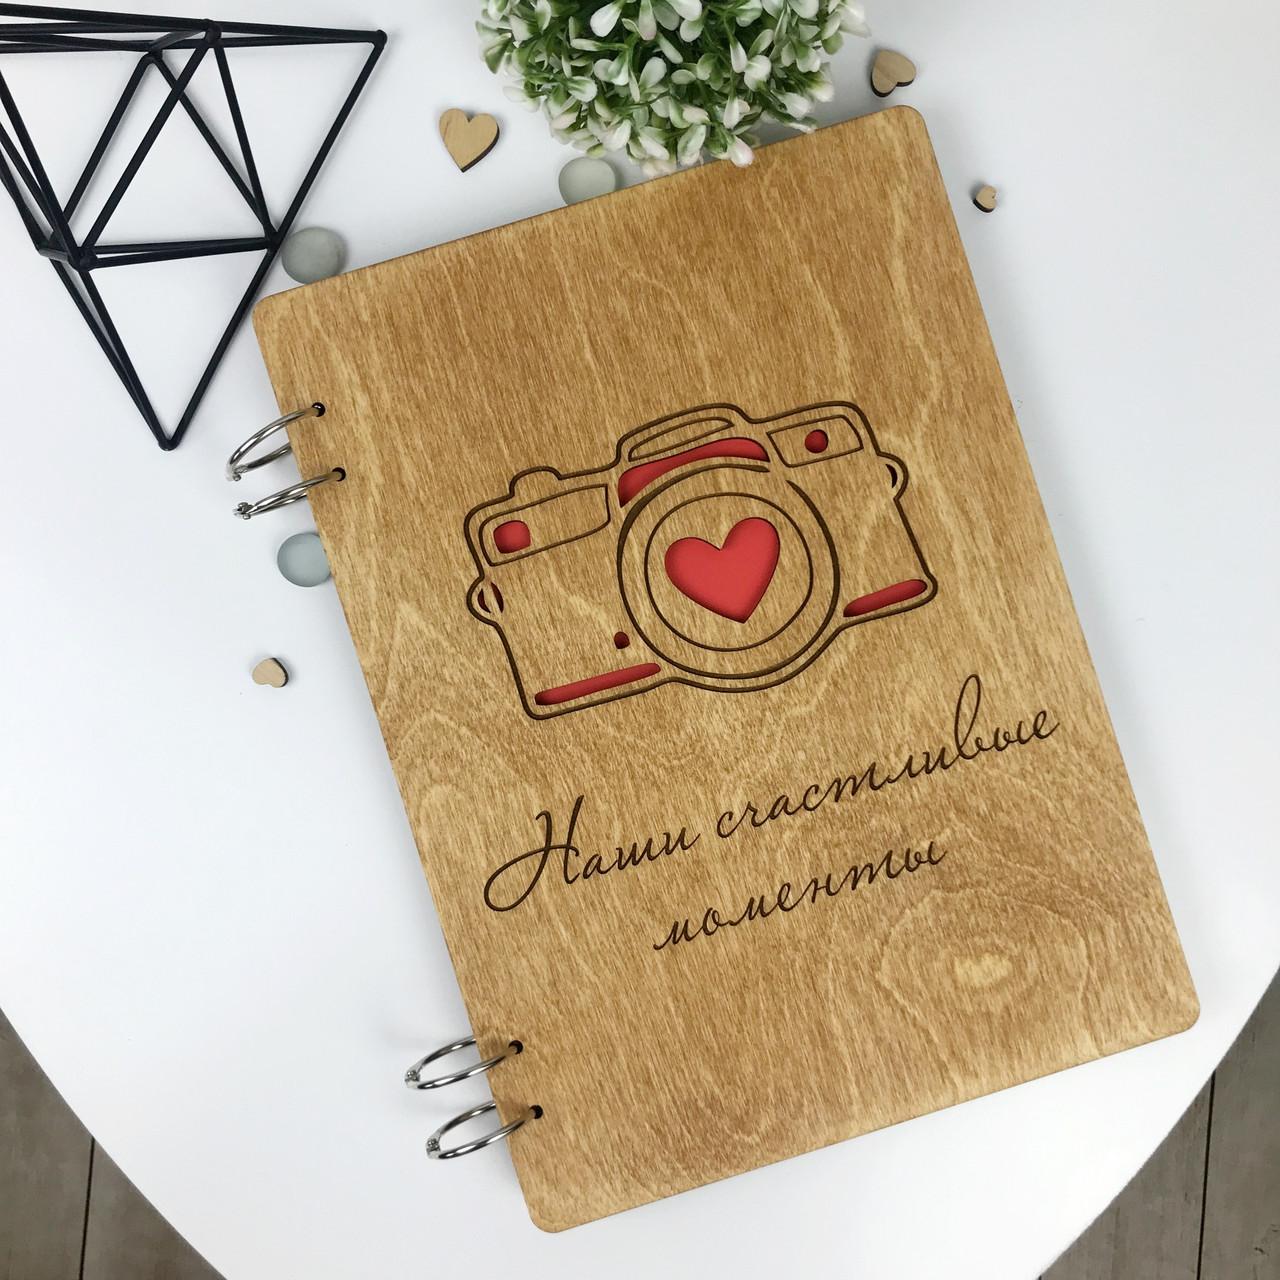 Фотоальбом в деревянной обложке «Наши счастливые моменты»